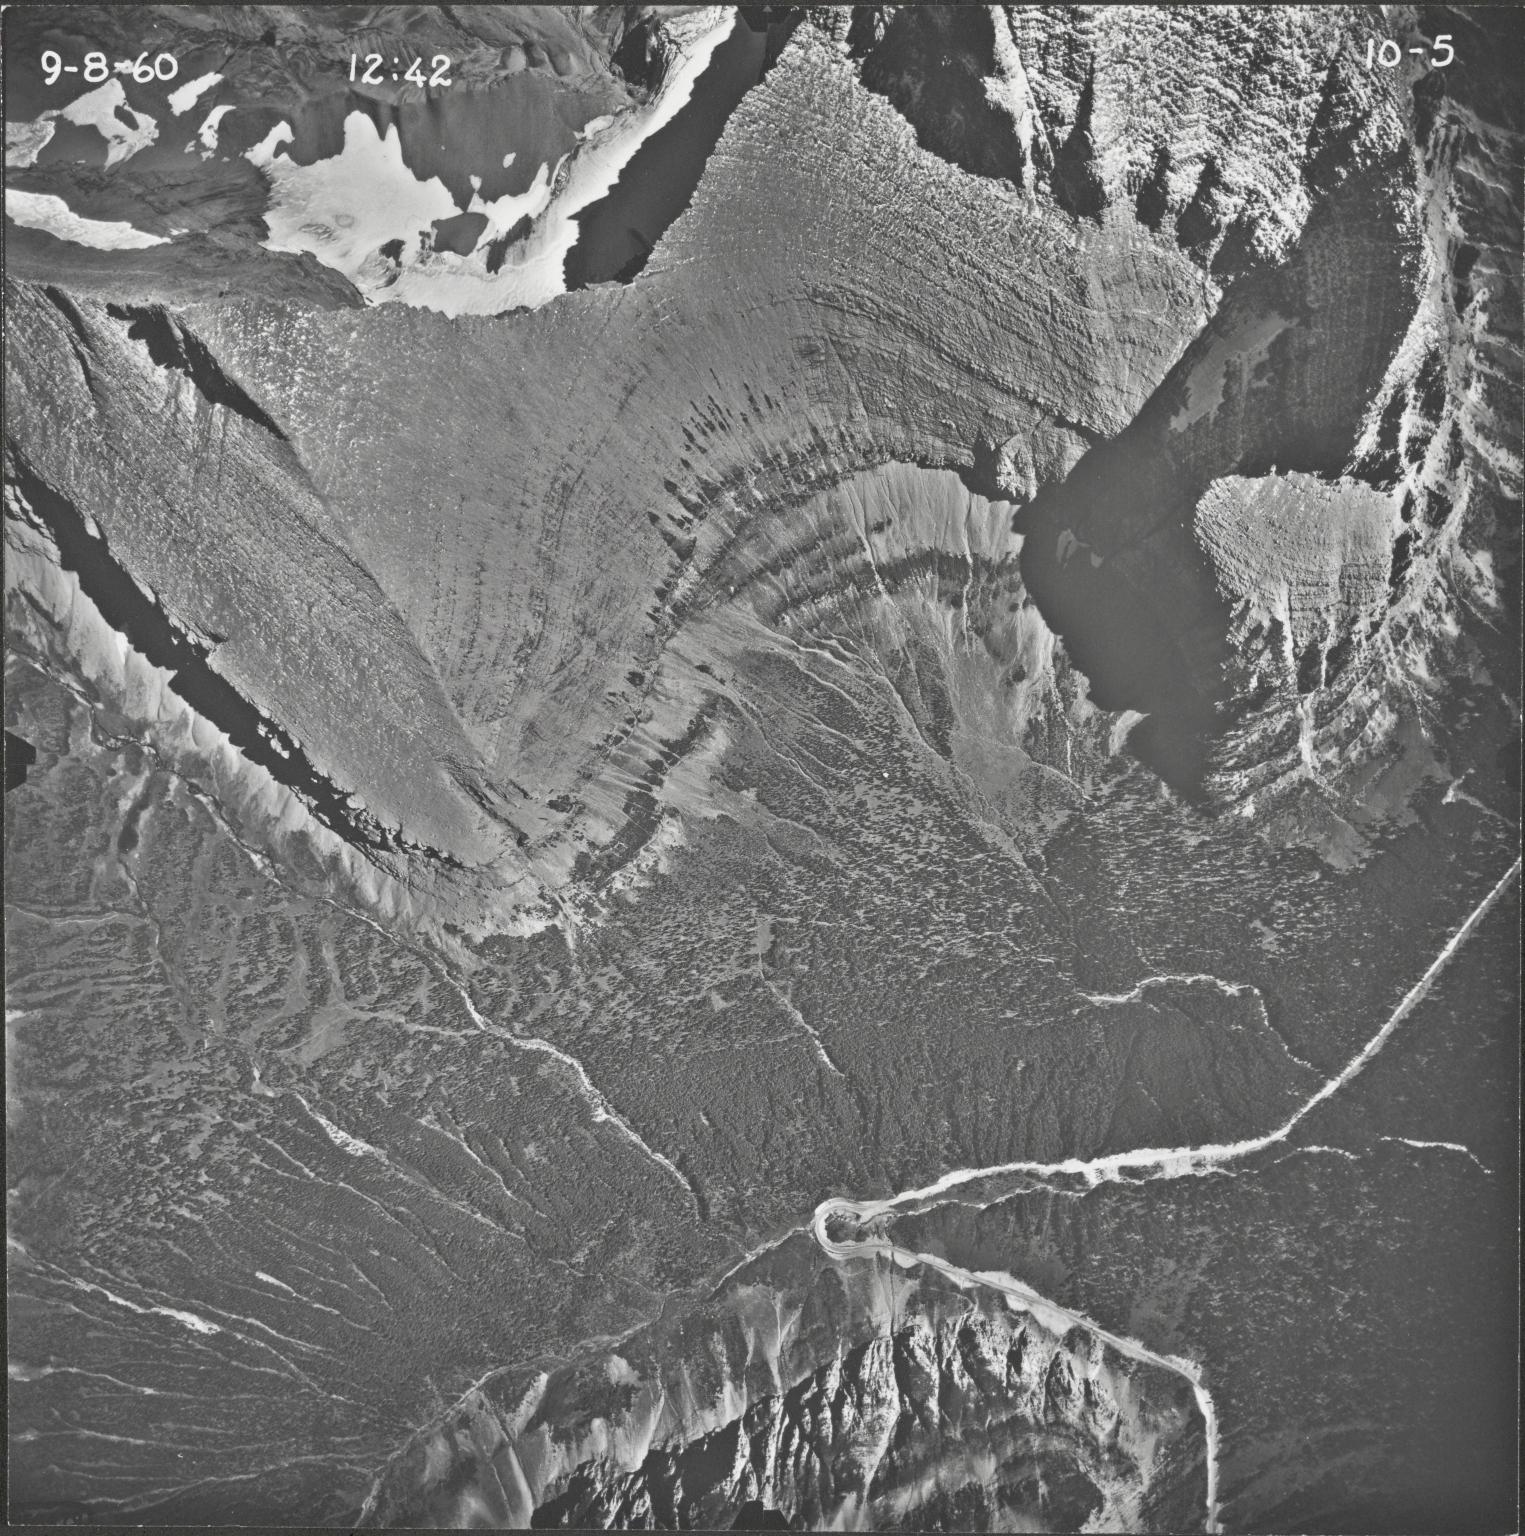 Piegan Glacier, aerial photograph 10-5, Montana